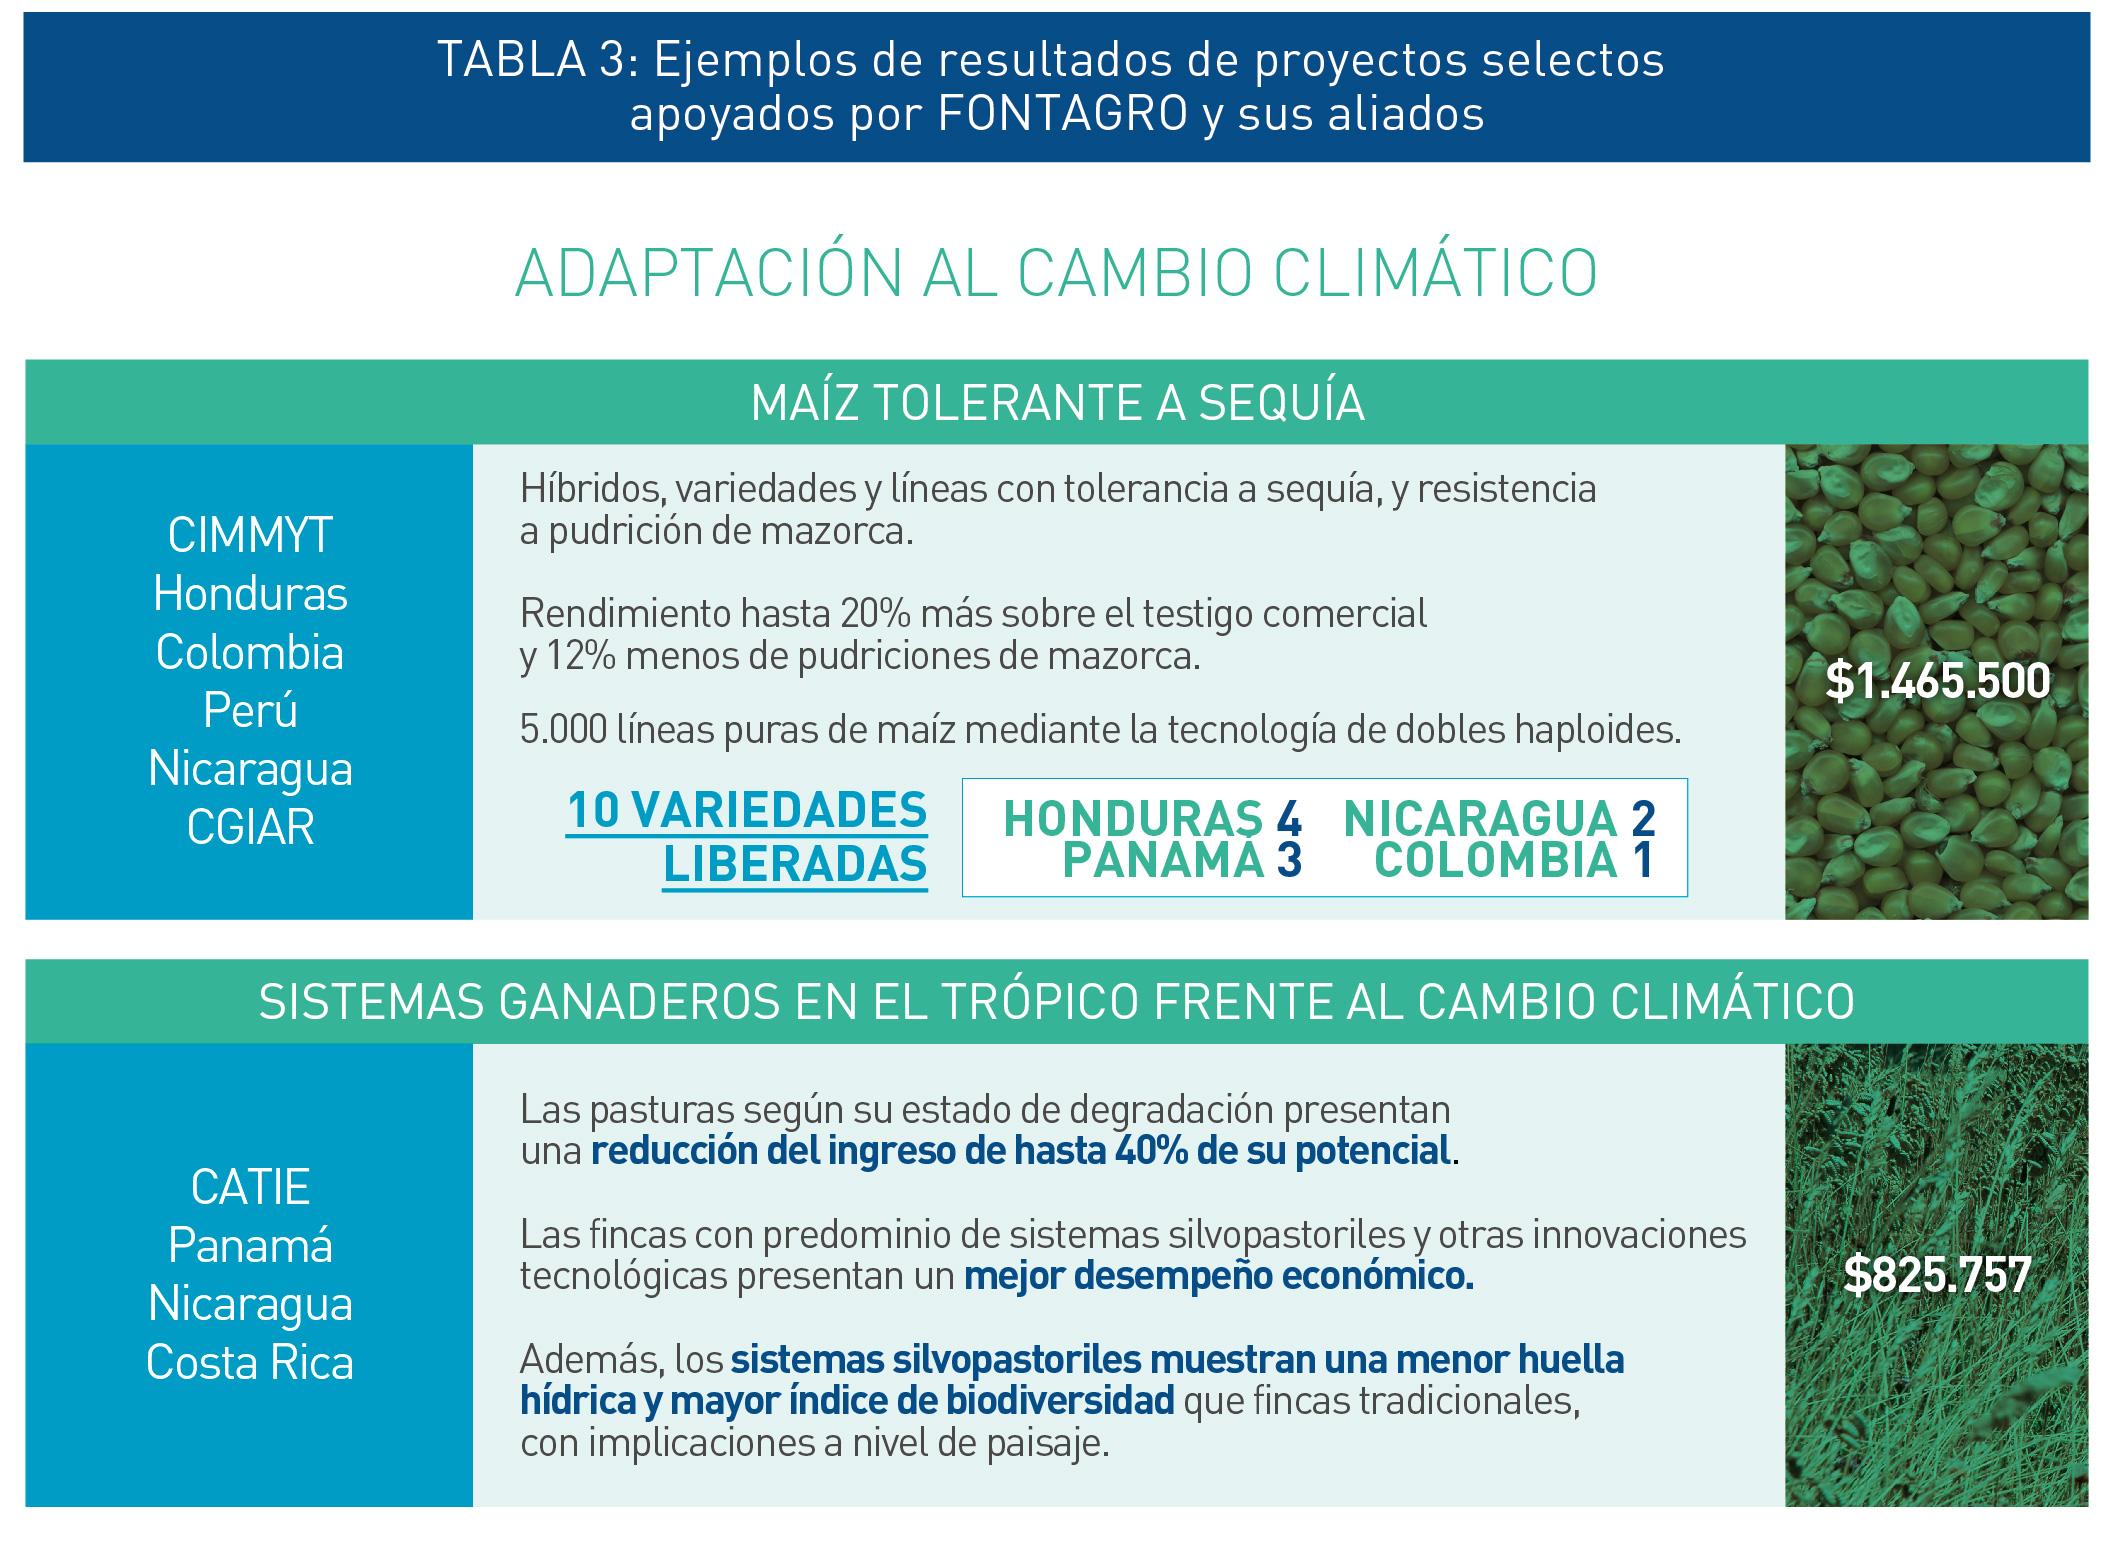 adaptacion-cambio-climatico